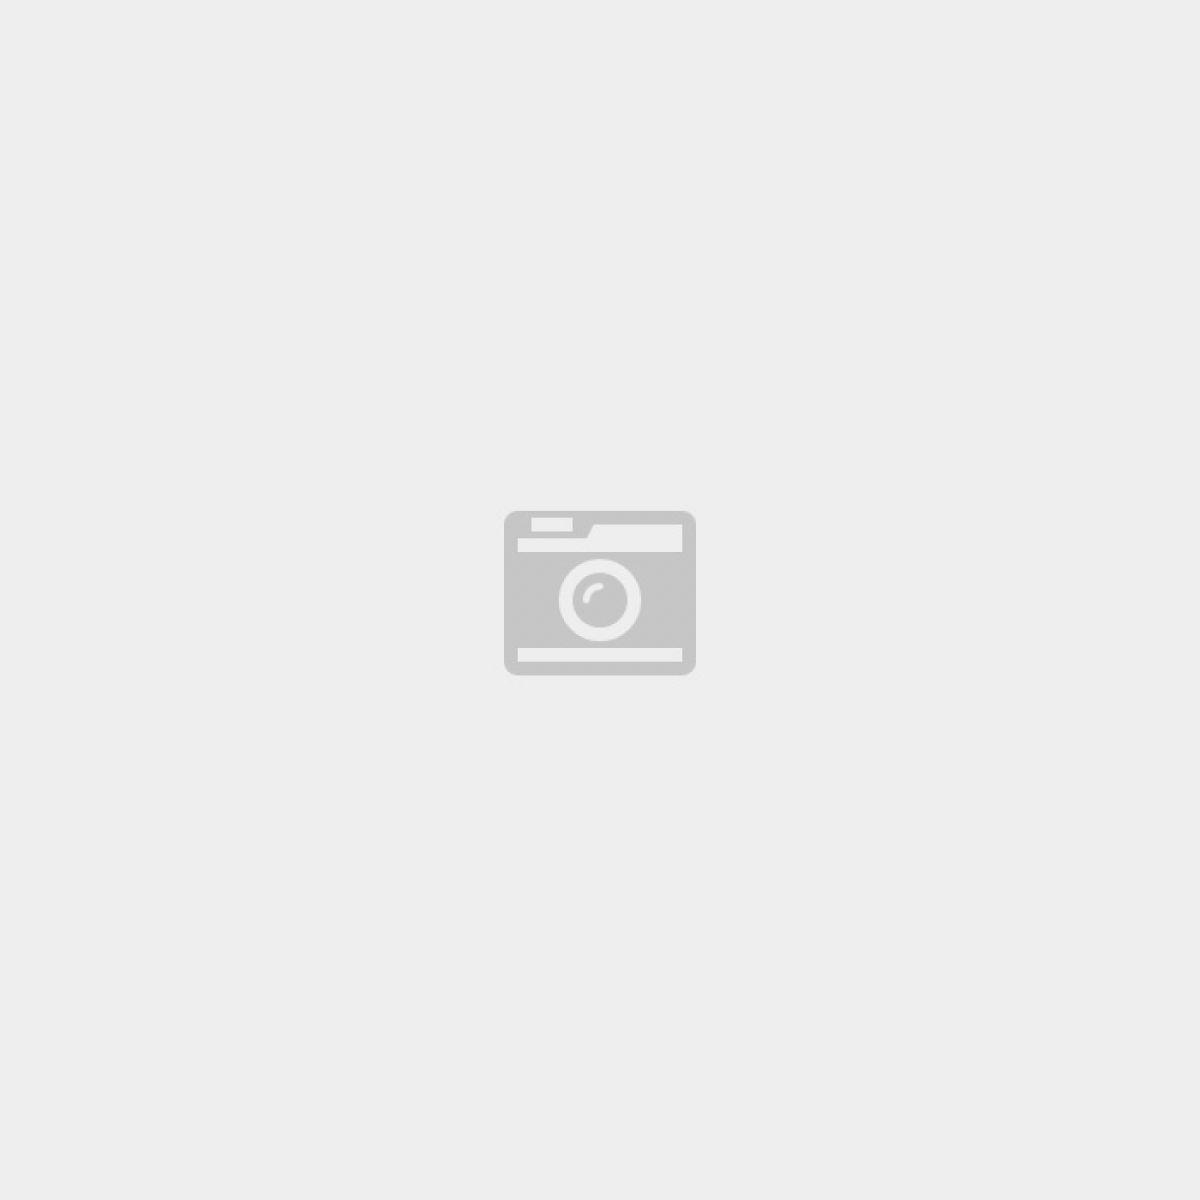 kadobon Ingrid Weyers